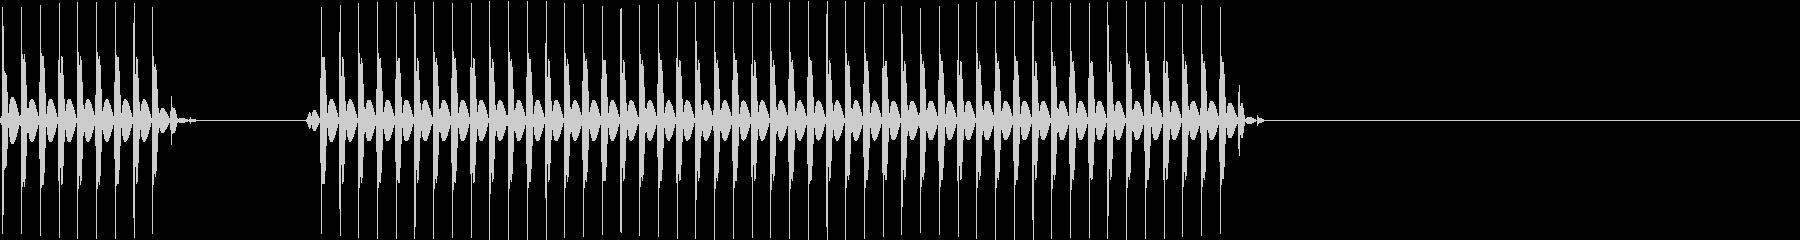 「ブッブー!不正解」の音の未再生の波形